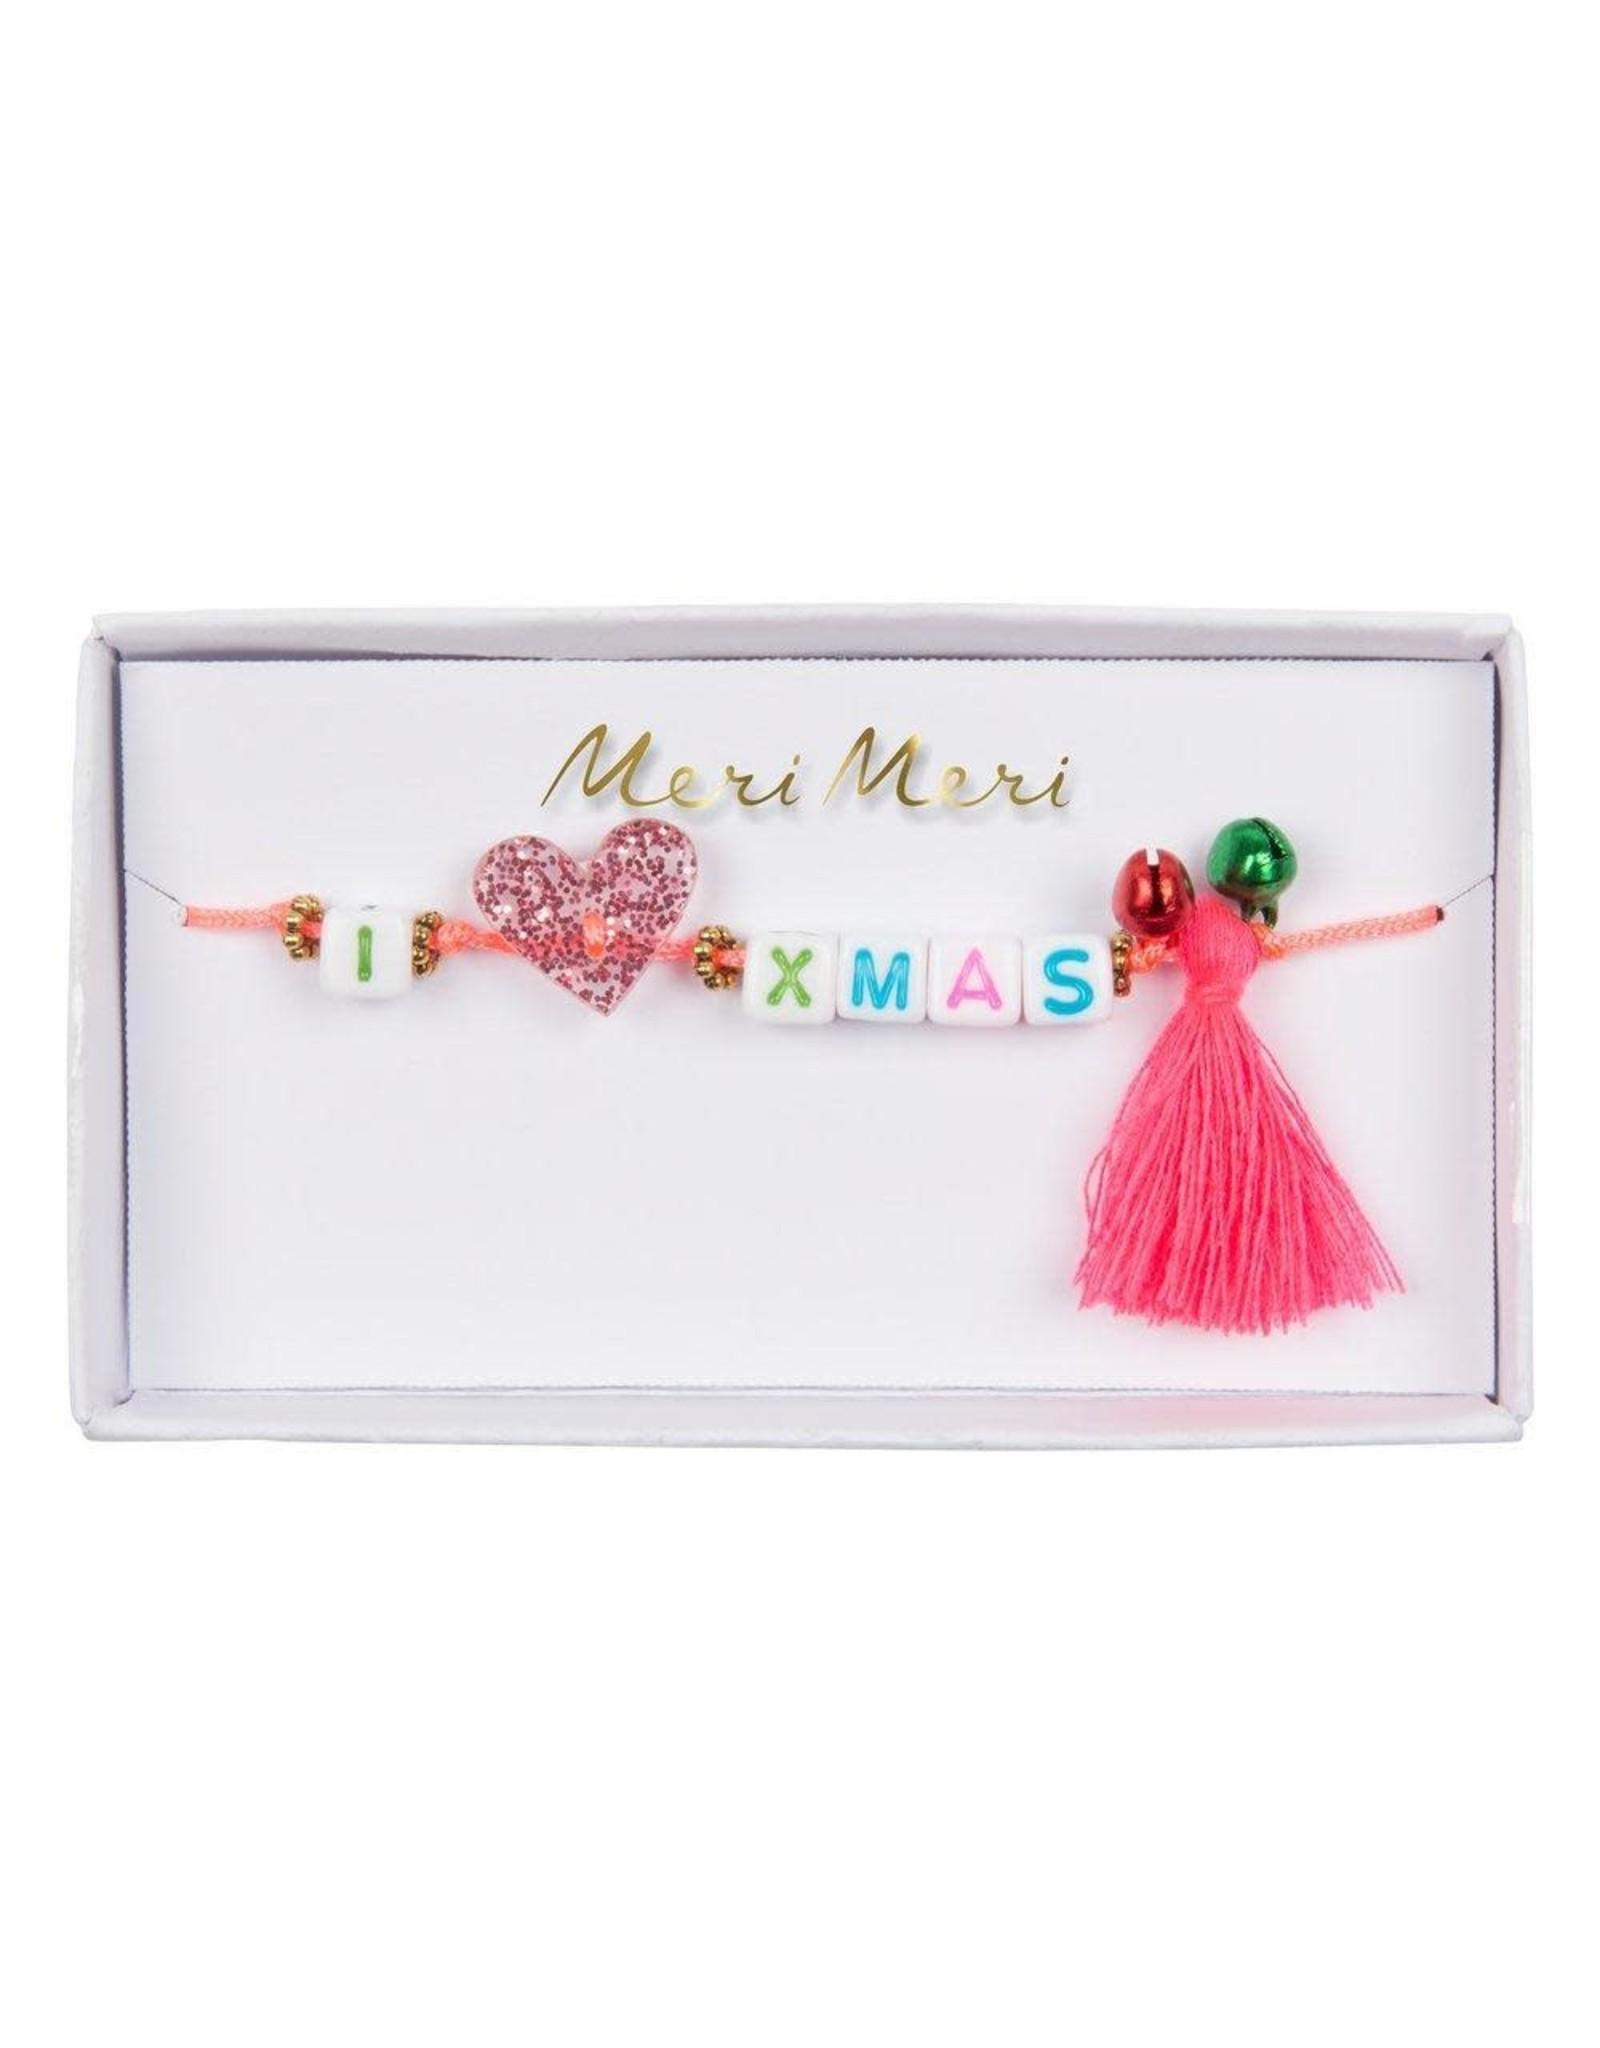 Meri Meri Bracelet | I love Xmas